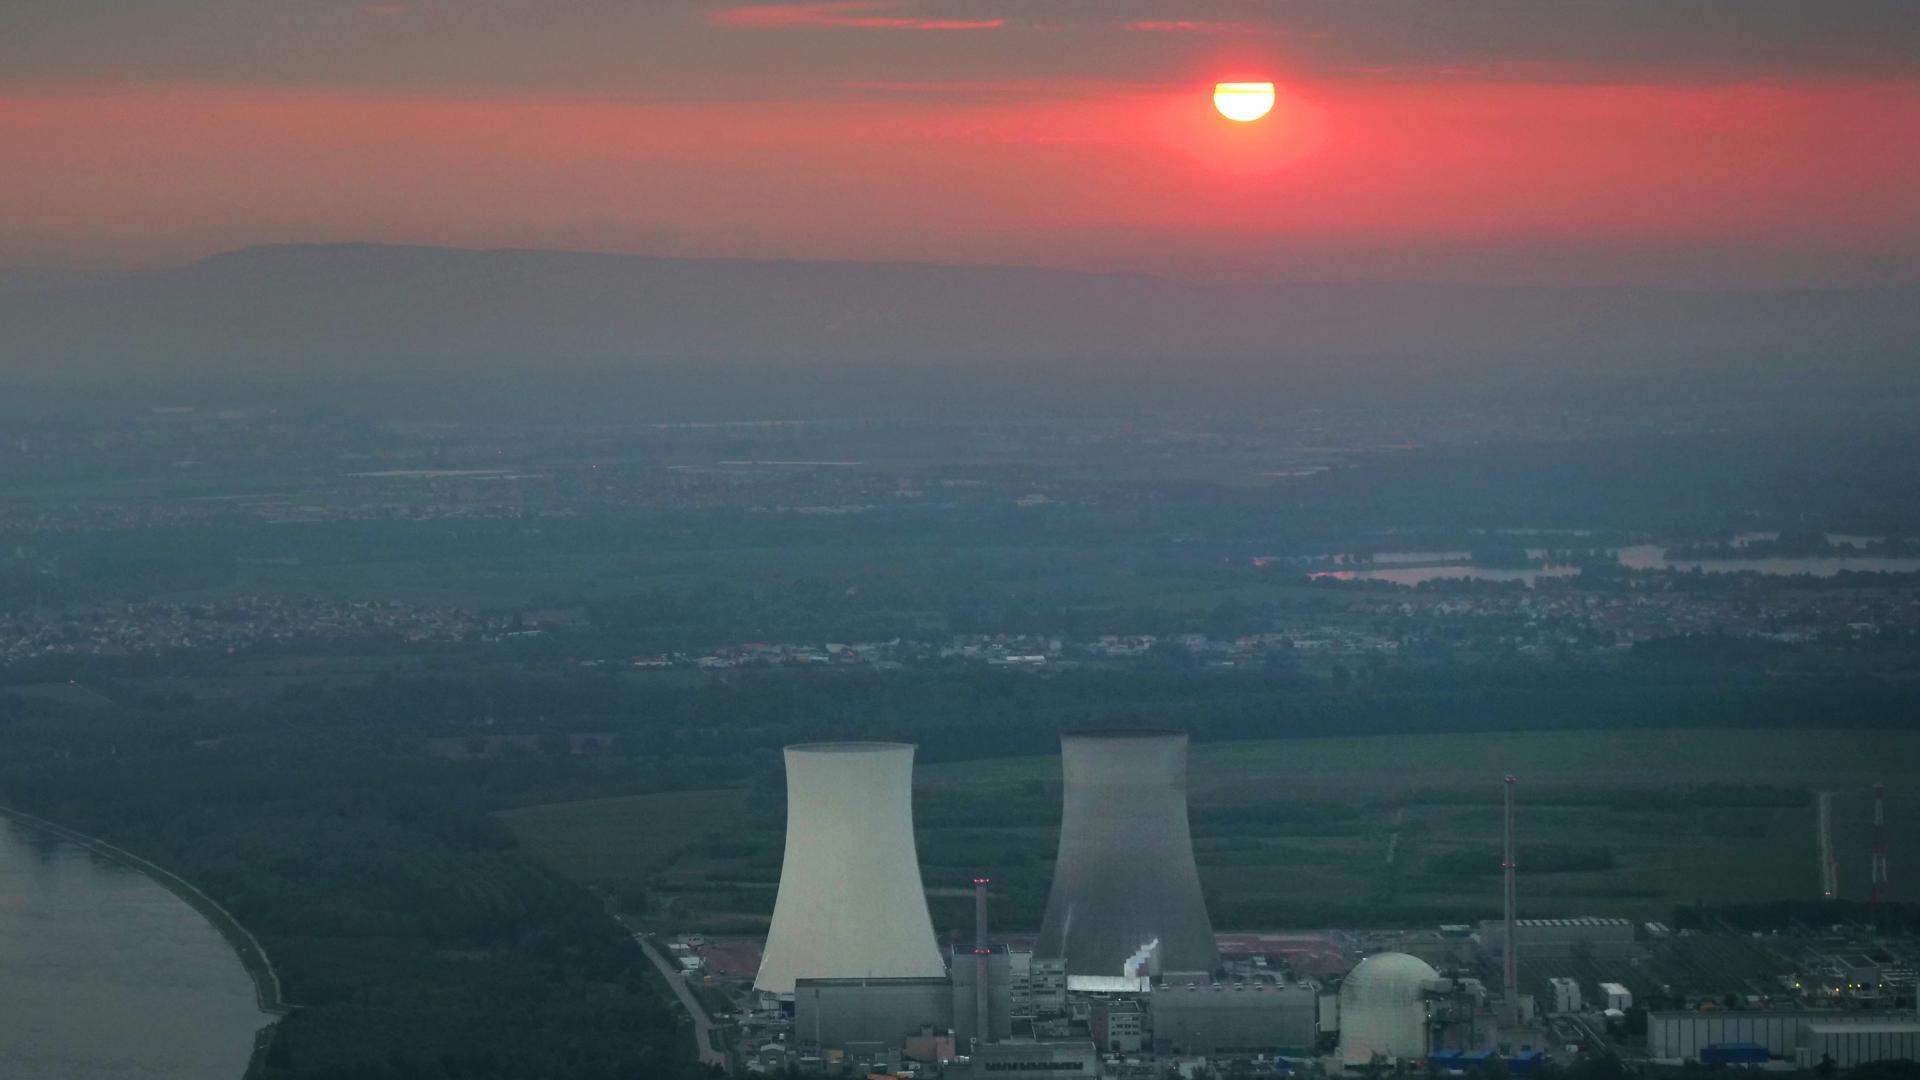 Der letzte Sonnenaufgang über den Kühltuermen des Kernkraftwerks Philippsburg vor der Sprengung.